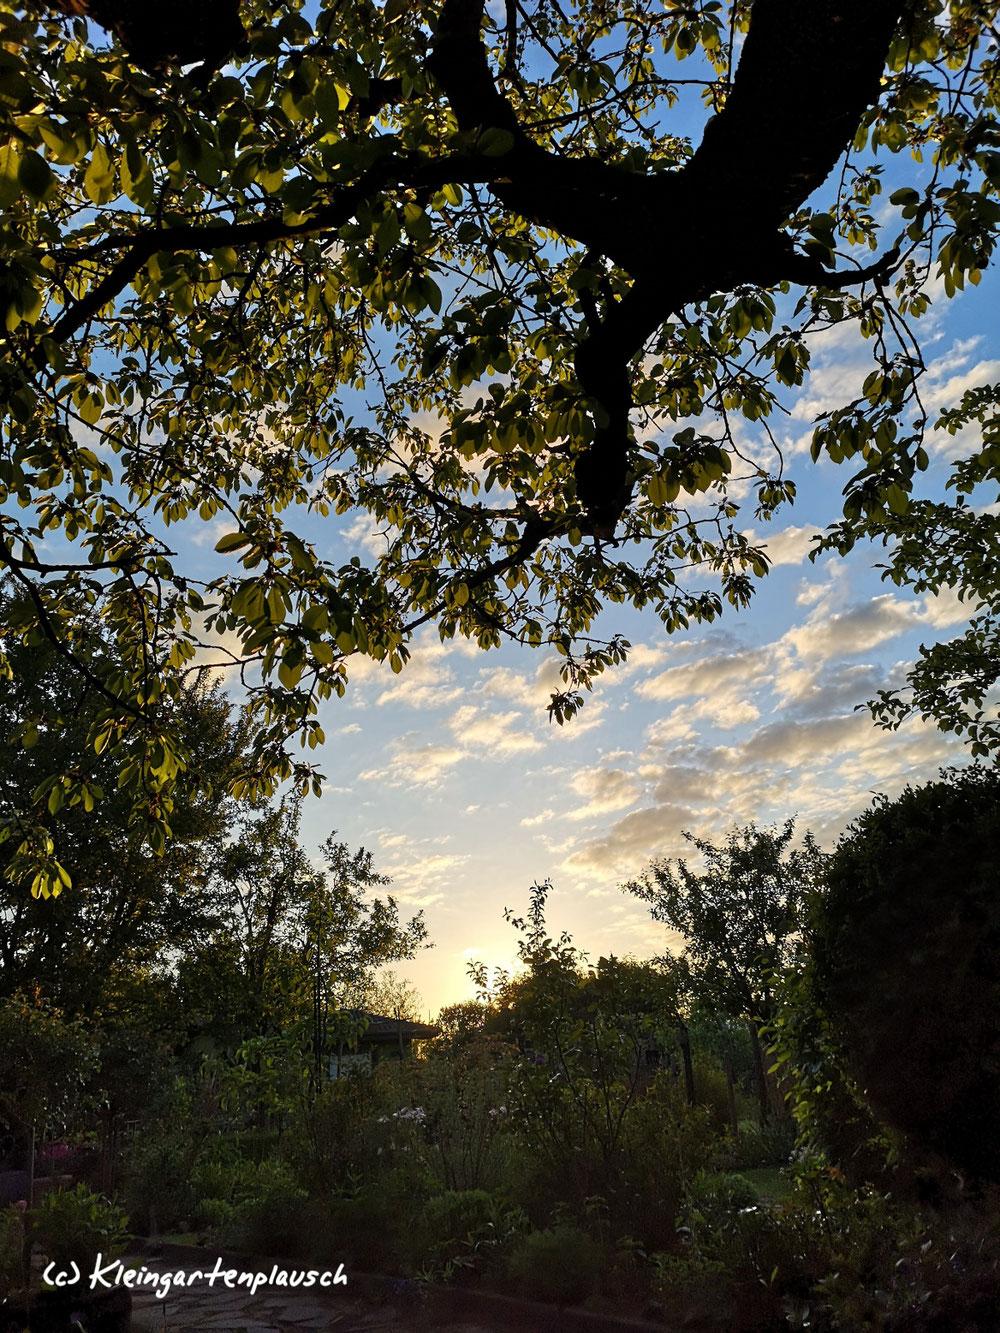 Gut beschützt unterm Blätterdach von Prunus avium, der alten Süßkirsche